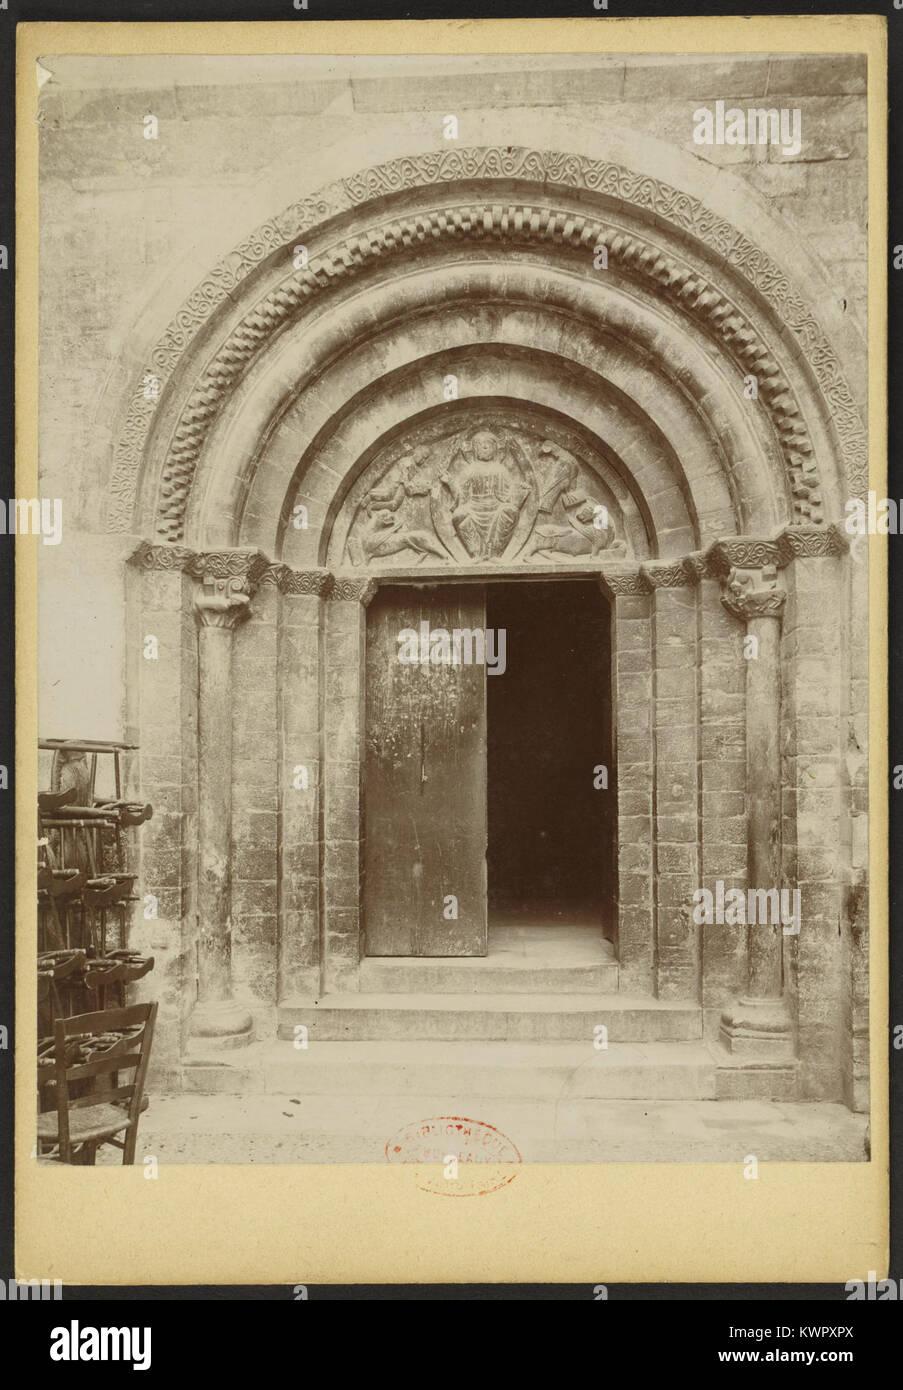 Église des Templiers de Luz-Saint-Sauveur - J-A Brutails - Université Bordeaux Montaigne - 1454 - Stock Image